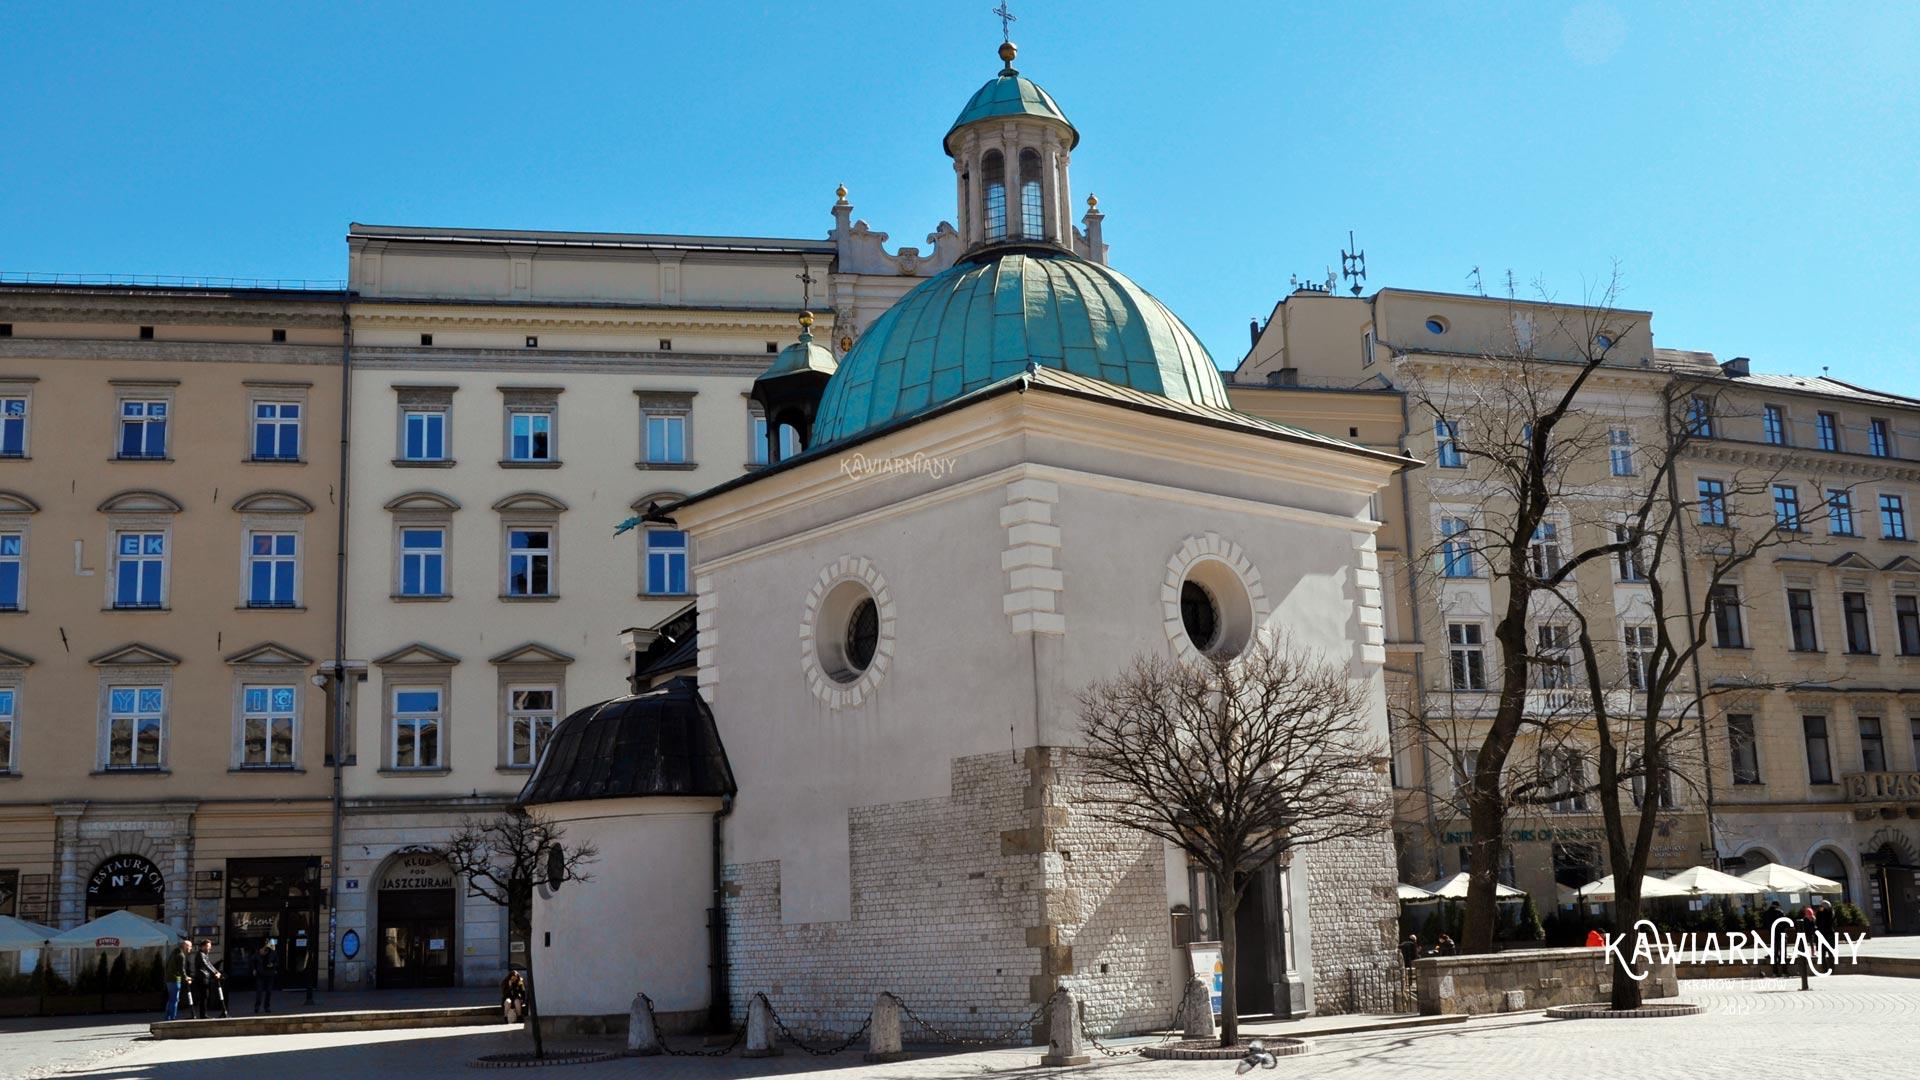 21:37 – ostatnia msza w Krakowie. Kościół św. Wojciecha na Rynku